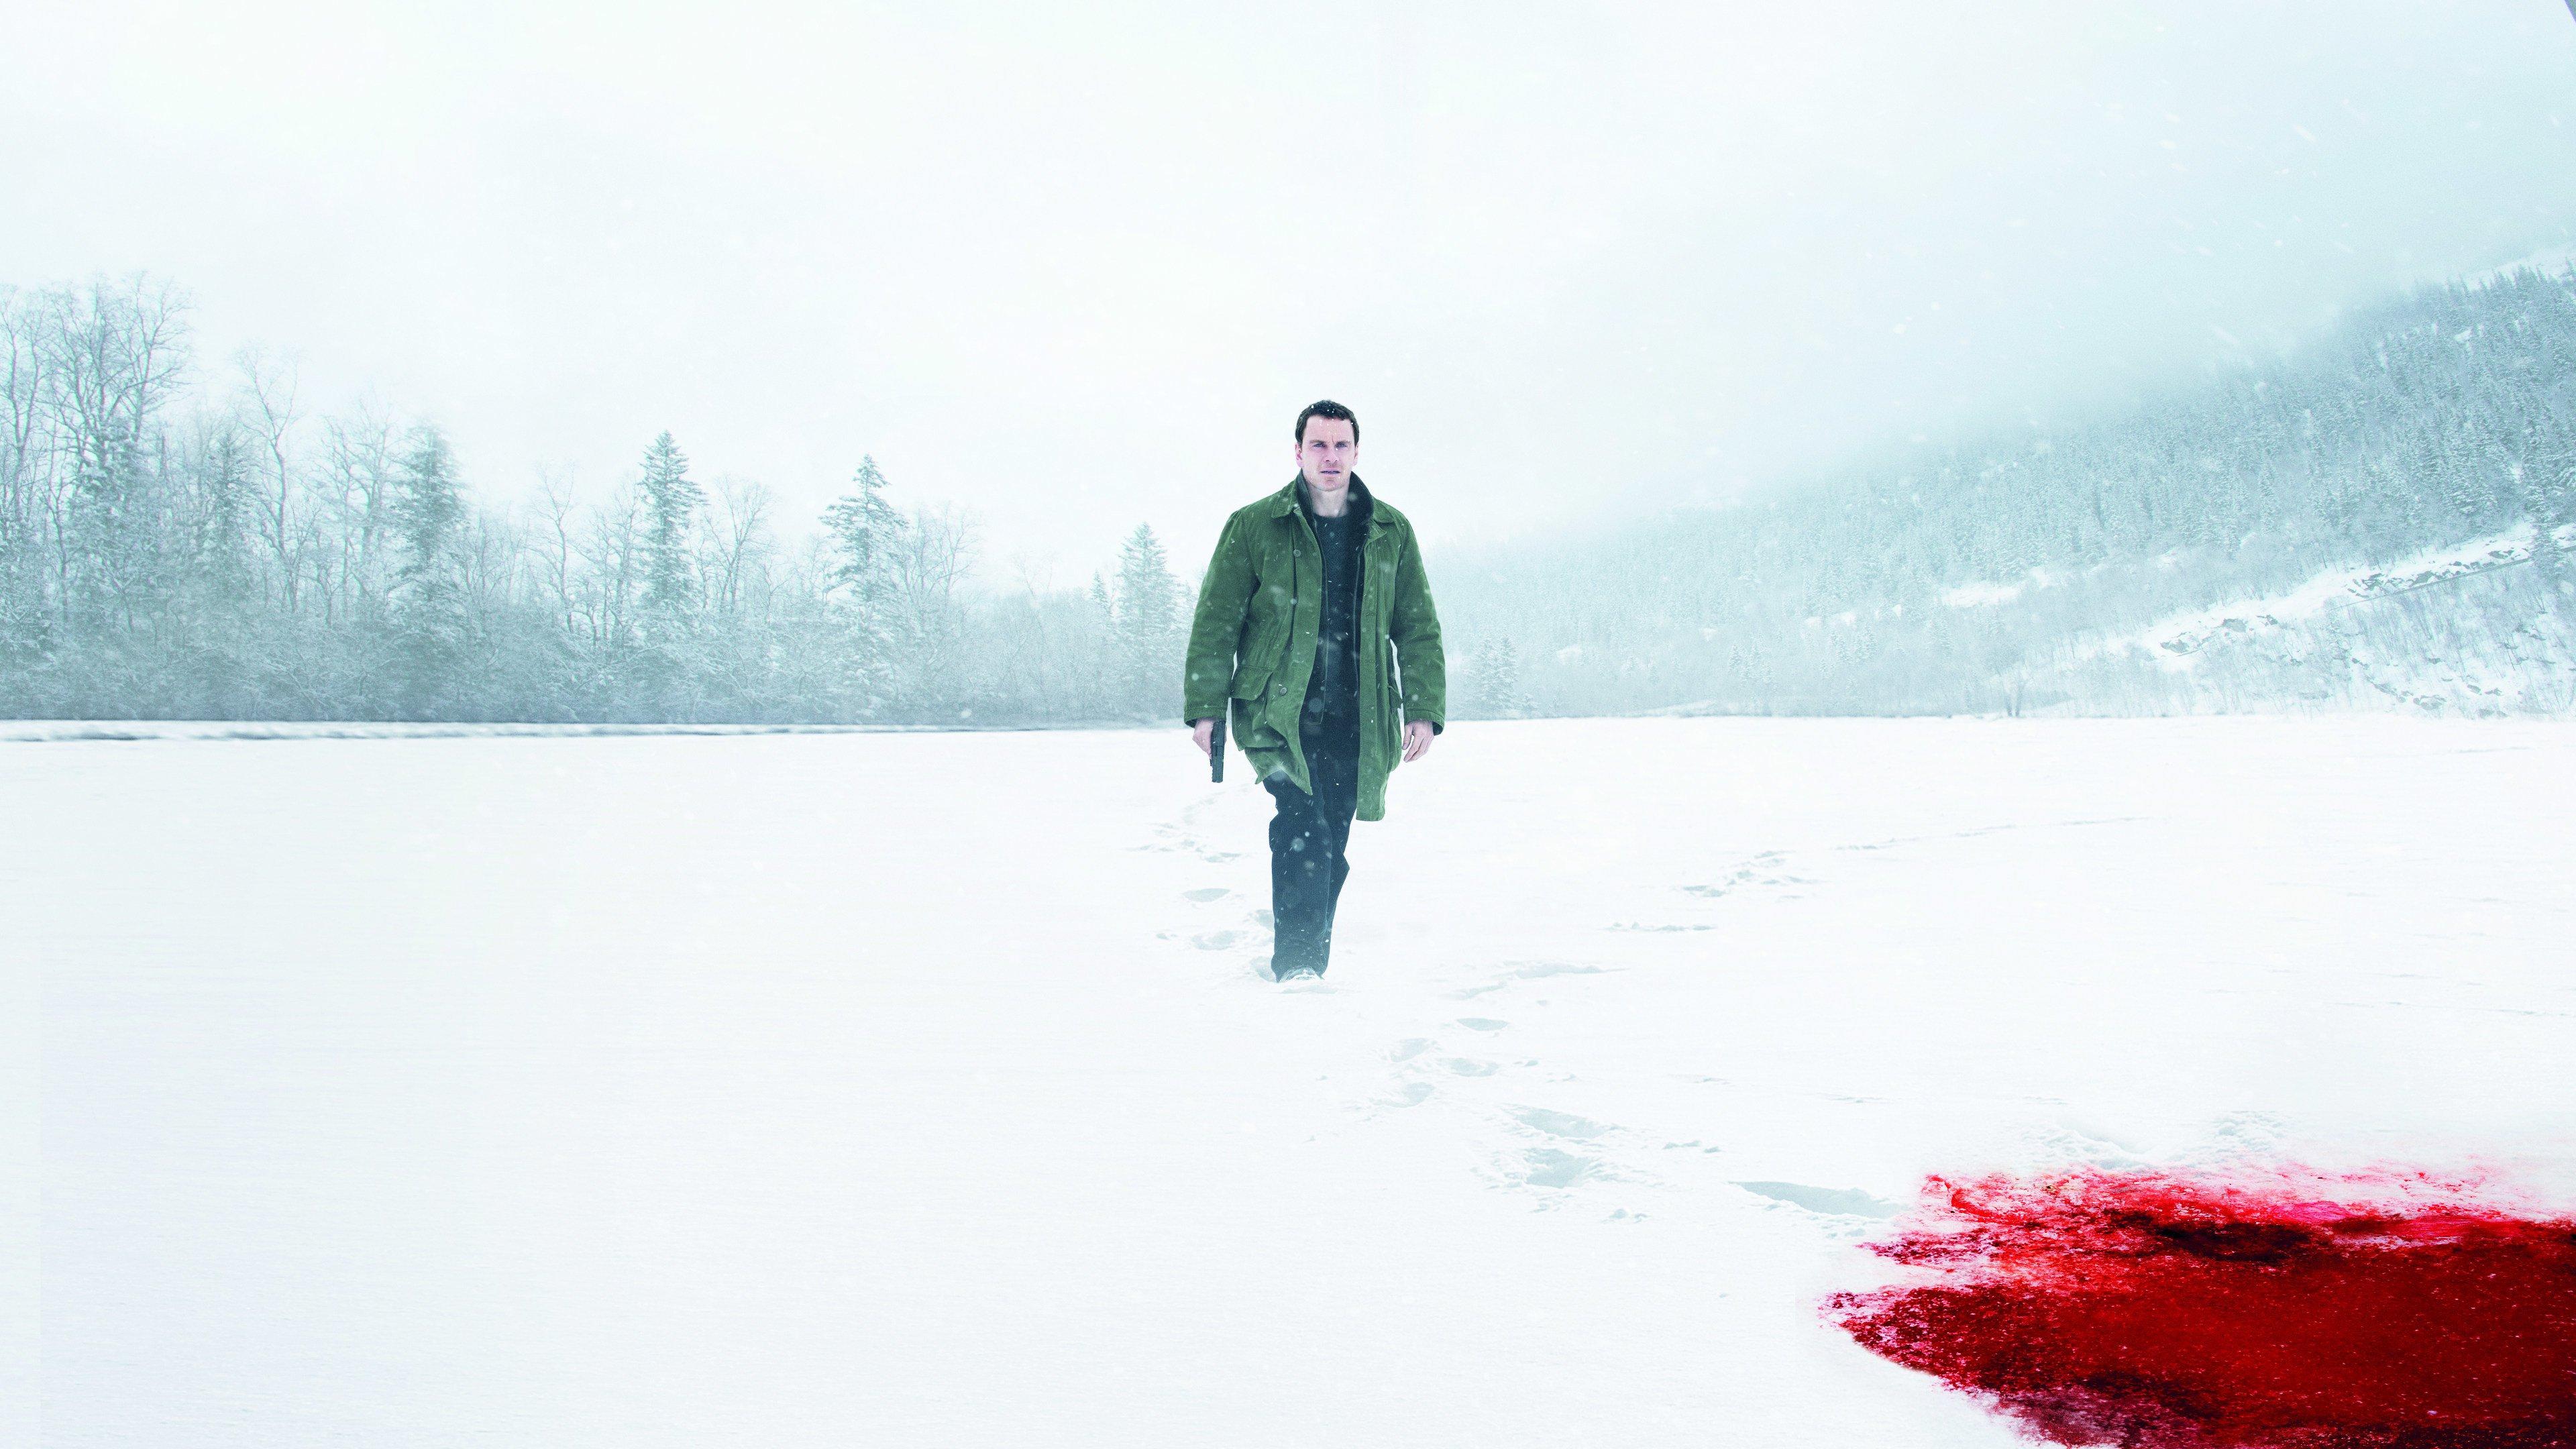 «Формула кино» и«Синема Парк» непокажут «Снеговика»